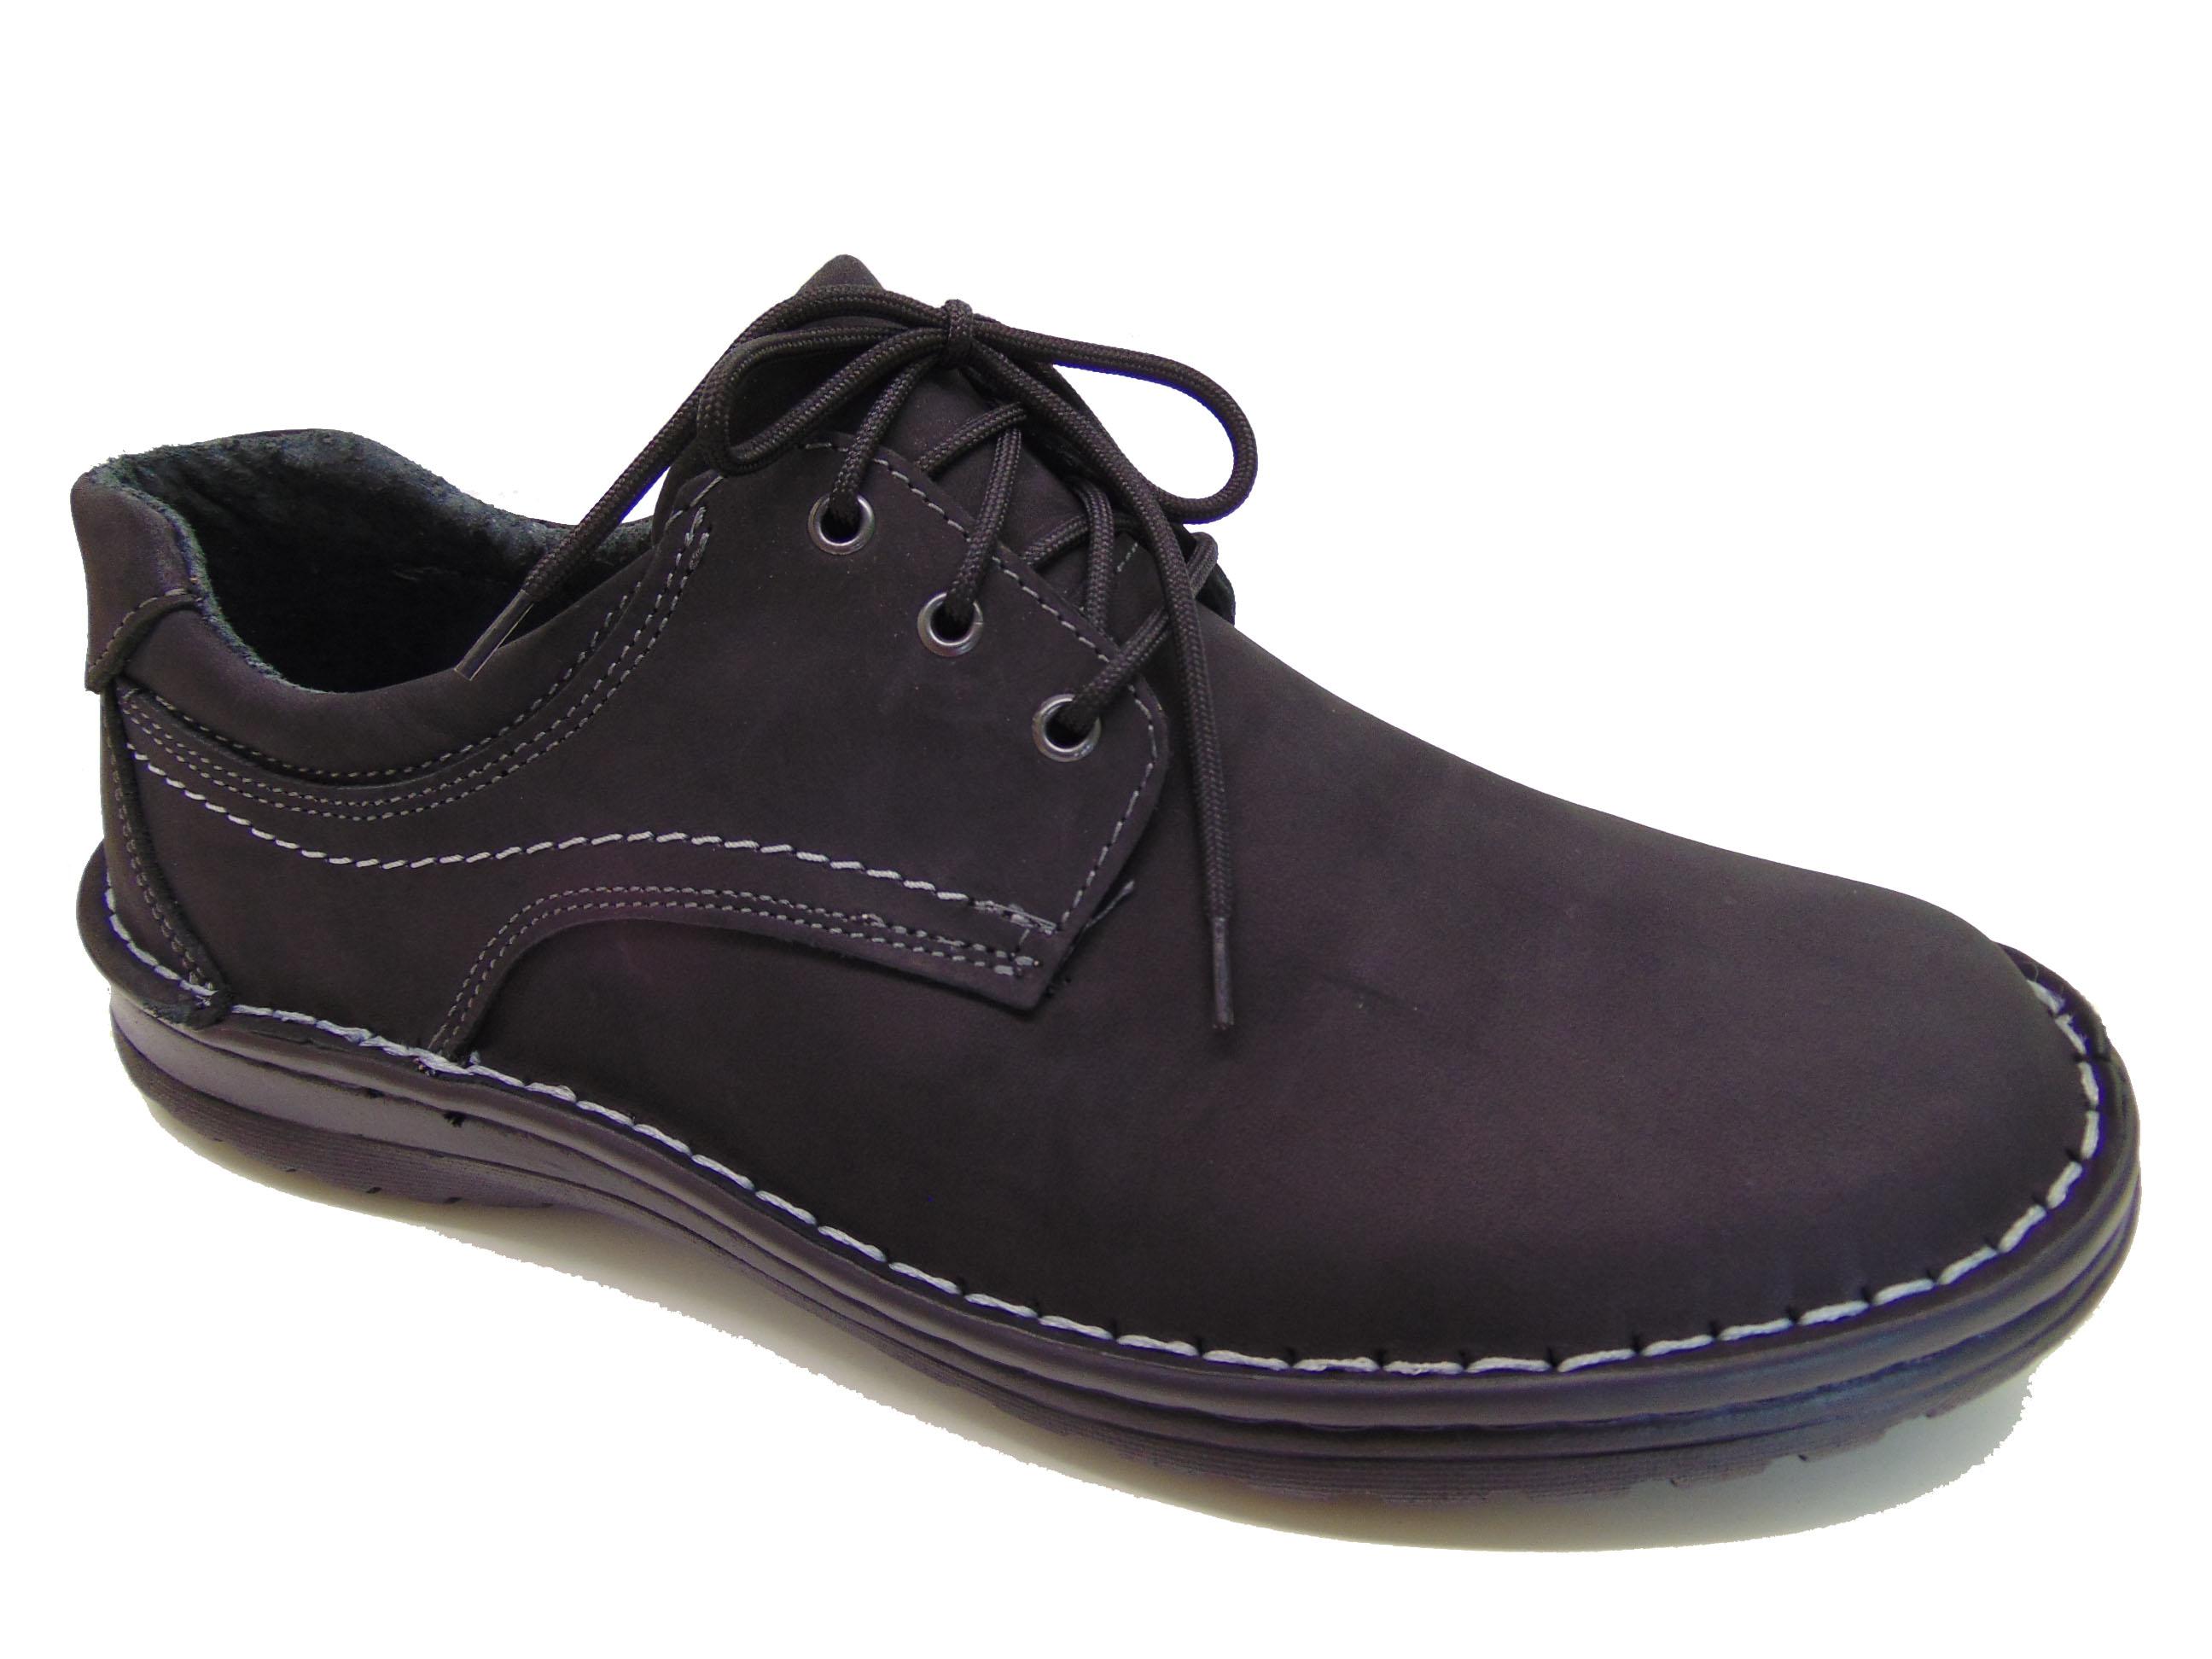 2de01678313f1 skóra nubukowa | Buty damskie na lato, sandały, klapki, buty ...